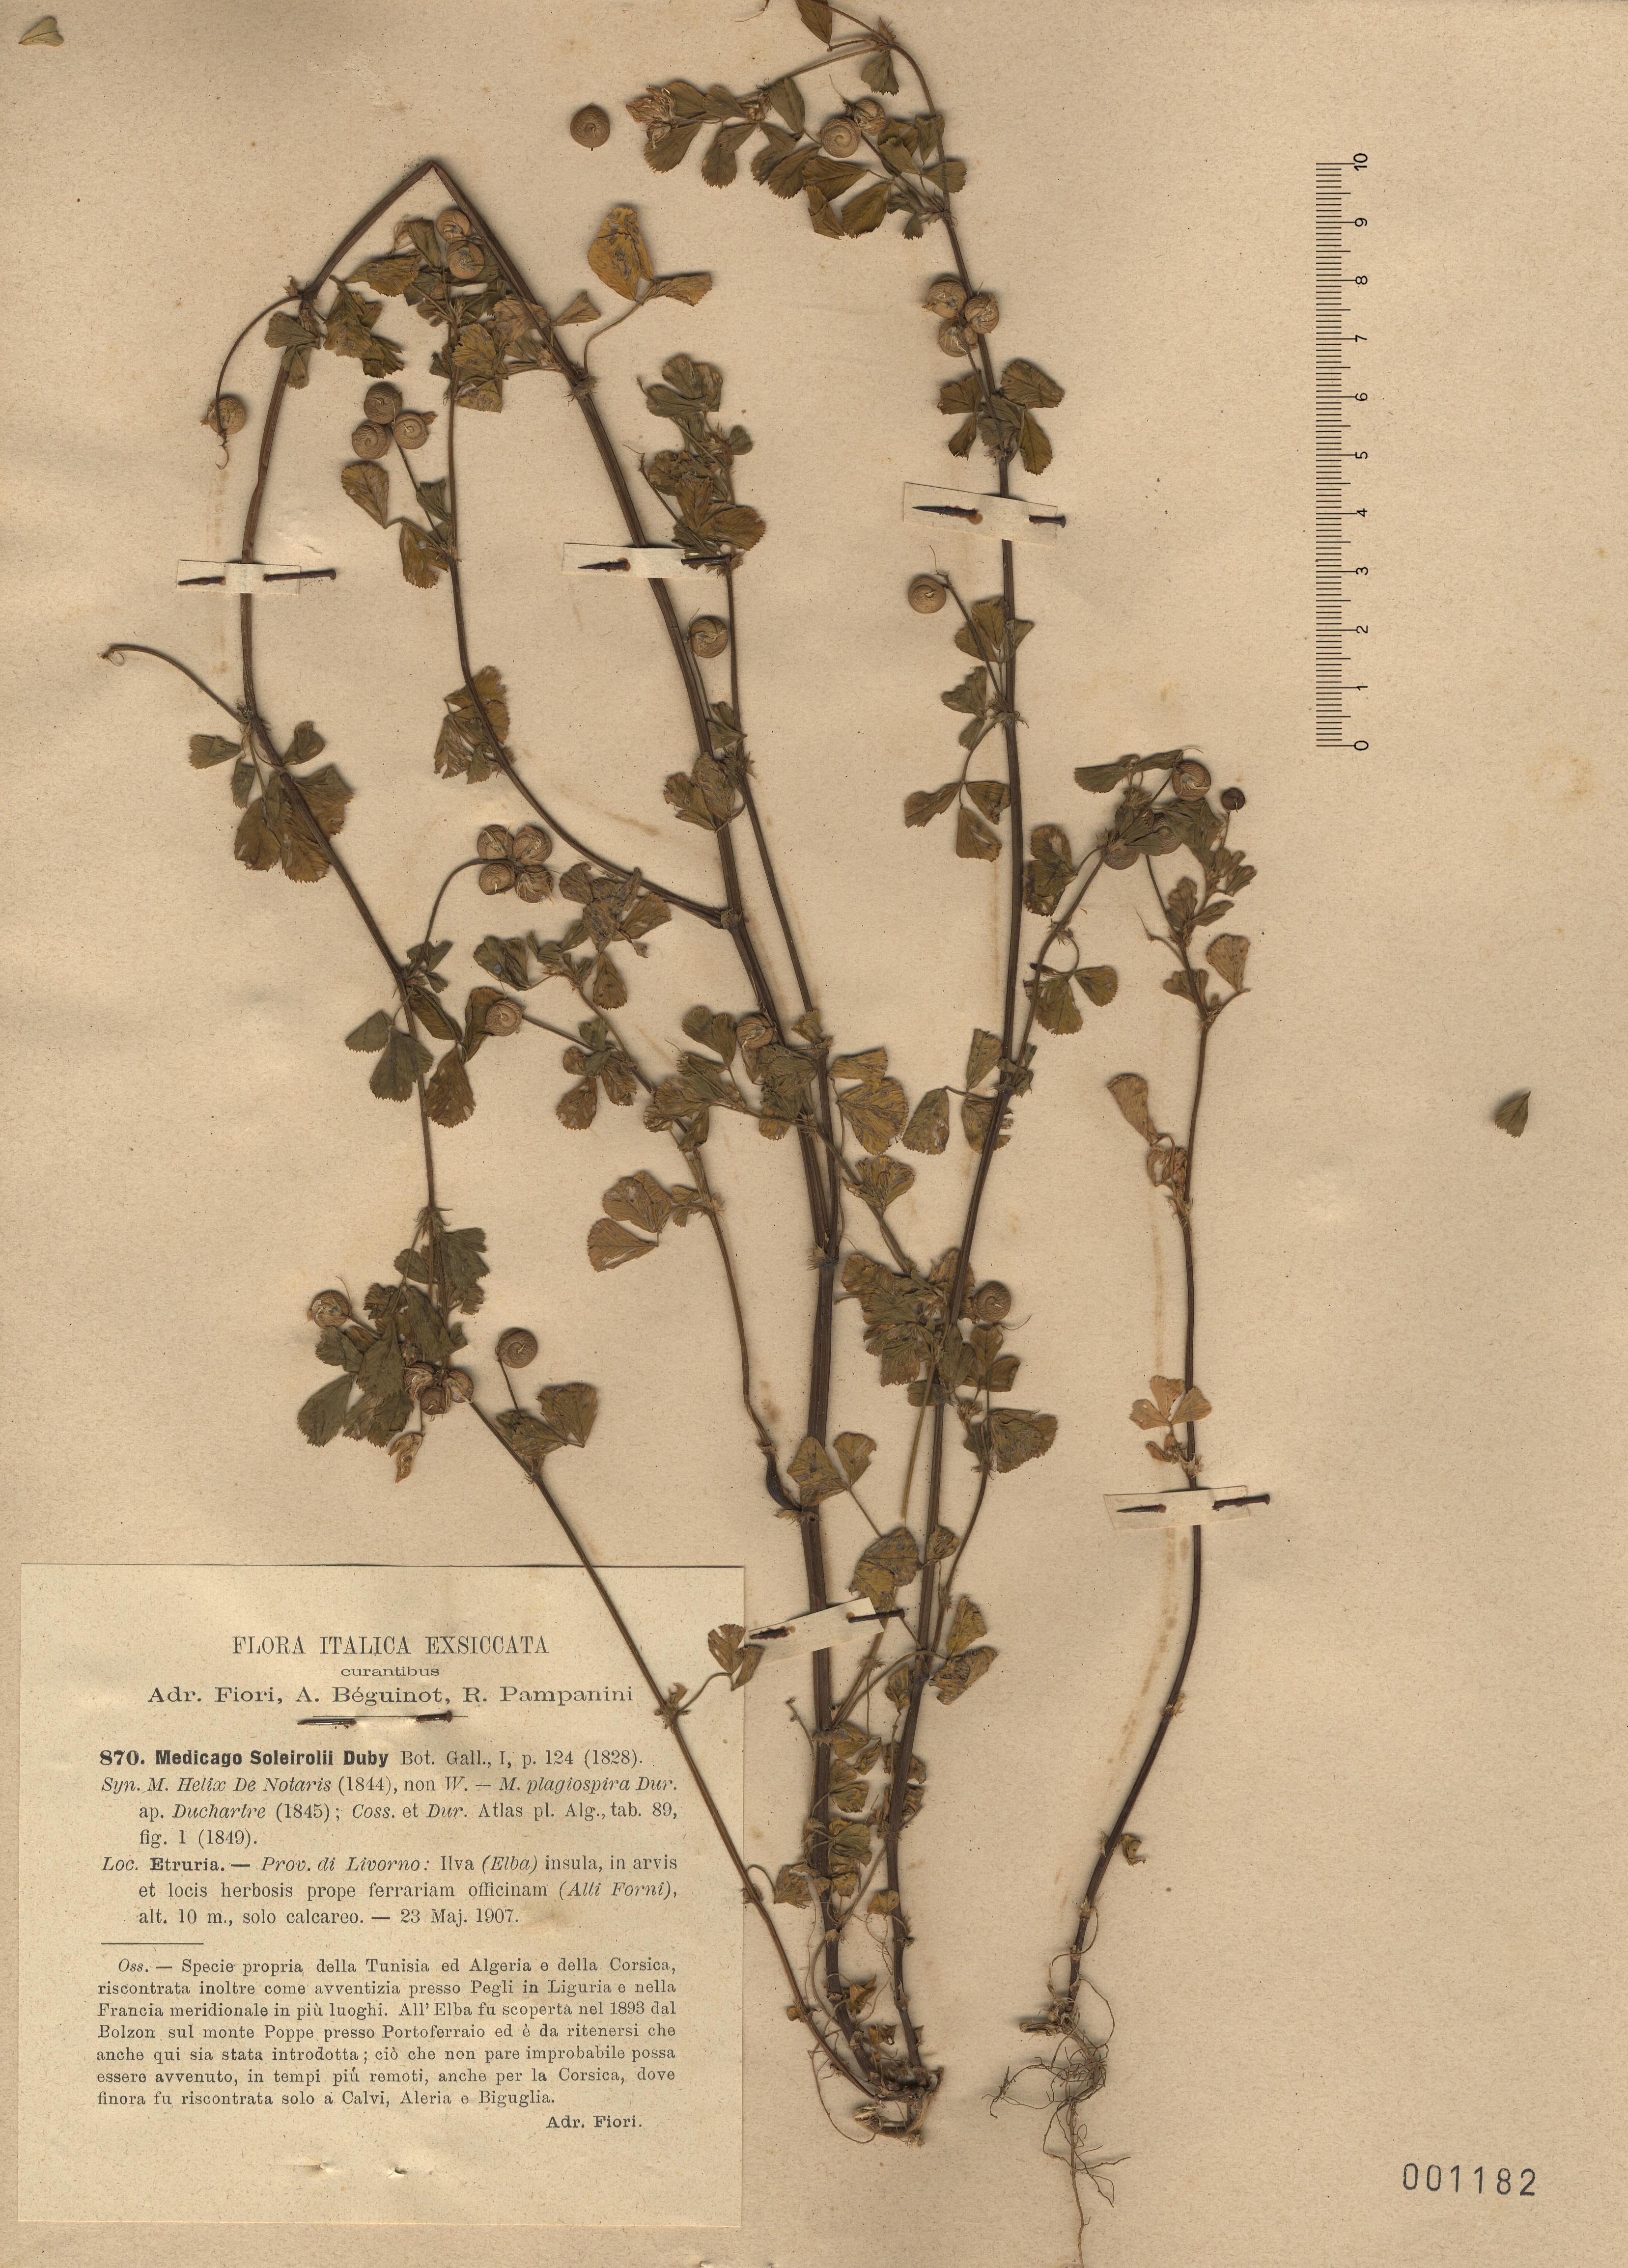 © Hortus Botanicus Catinensis - Herb. sheet  001182<br>